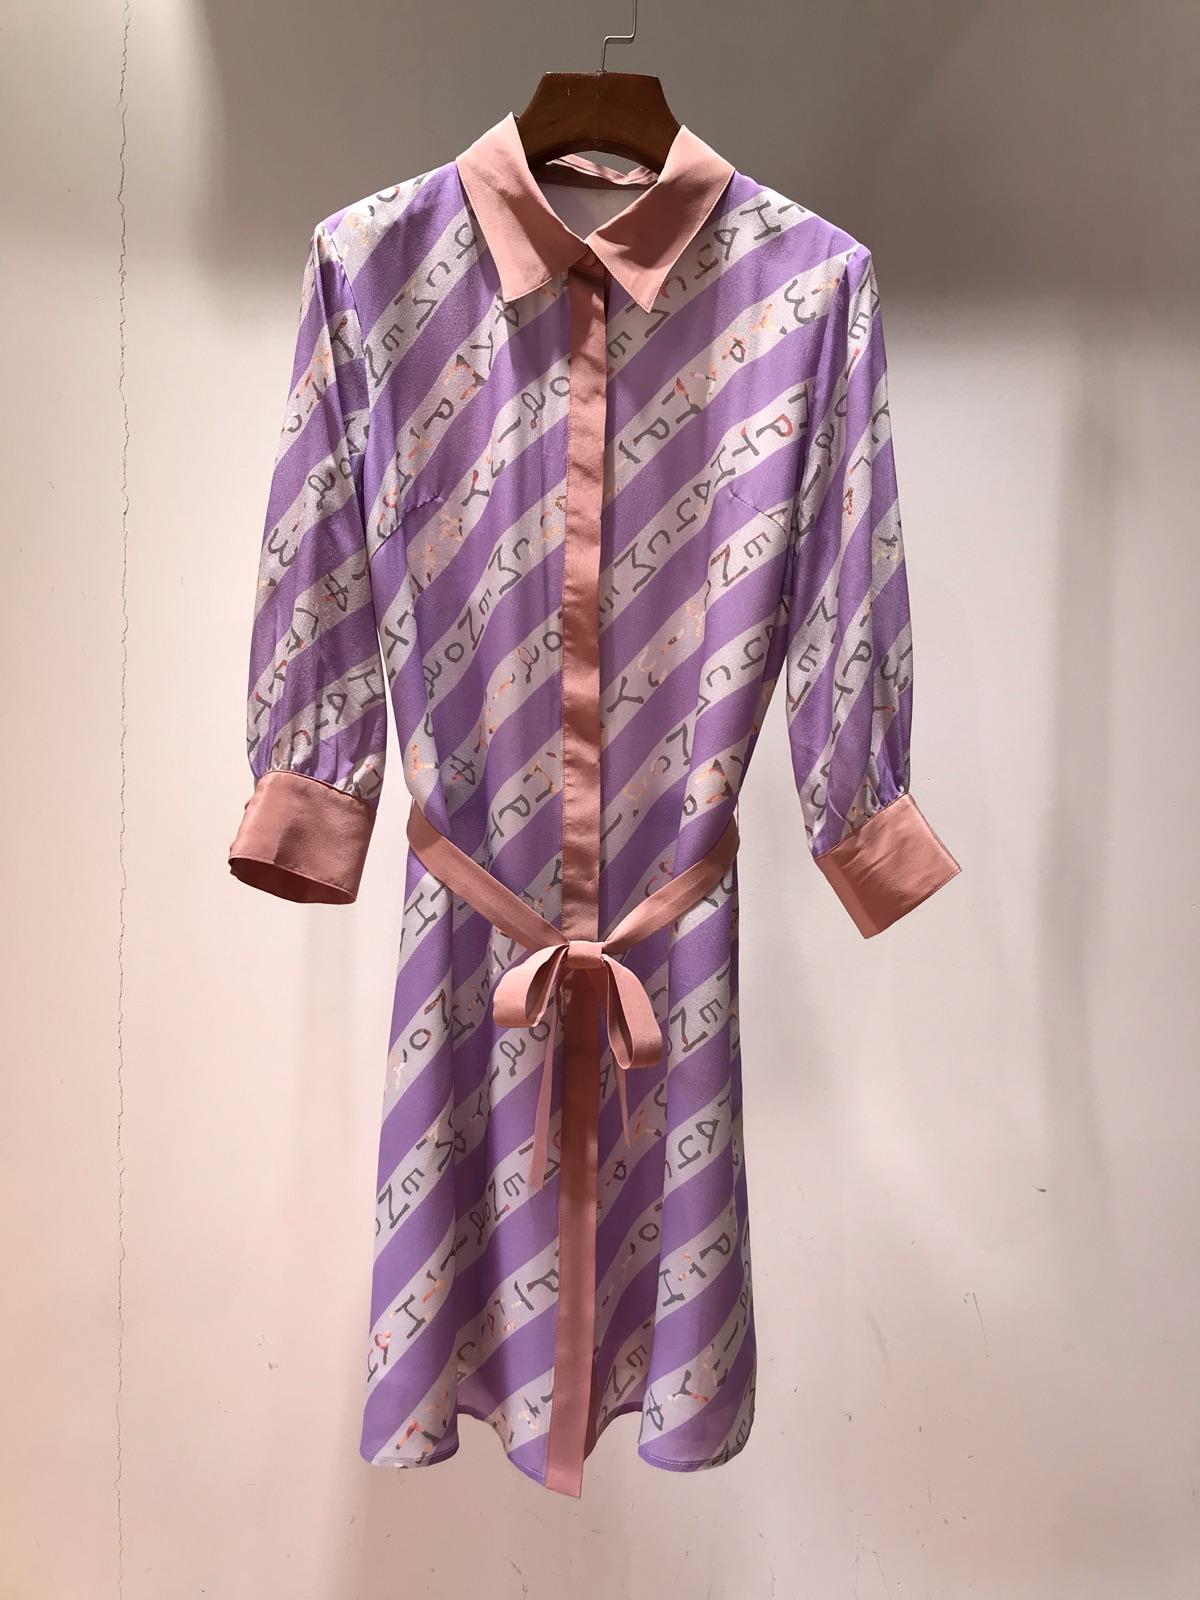 女士真丝连衣裙 新款2019年夏季拼粉色领口边印字母紫色条纹7分袖真丝连衣裙_推荐淘宝好看的真丝连衣裙